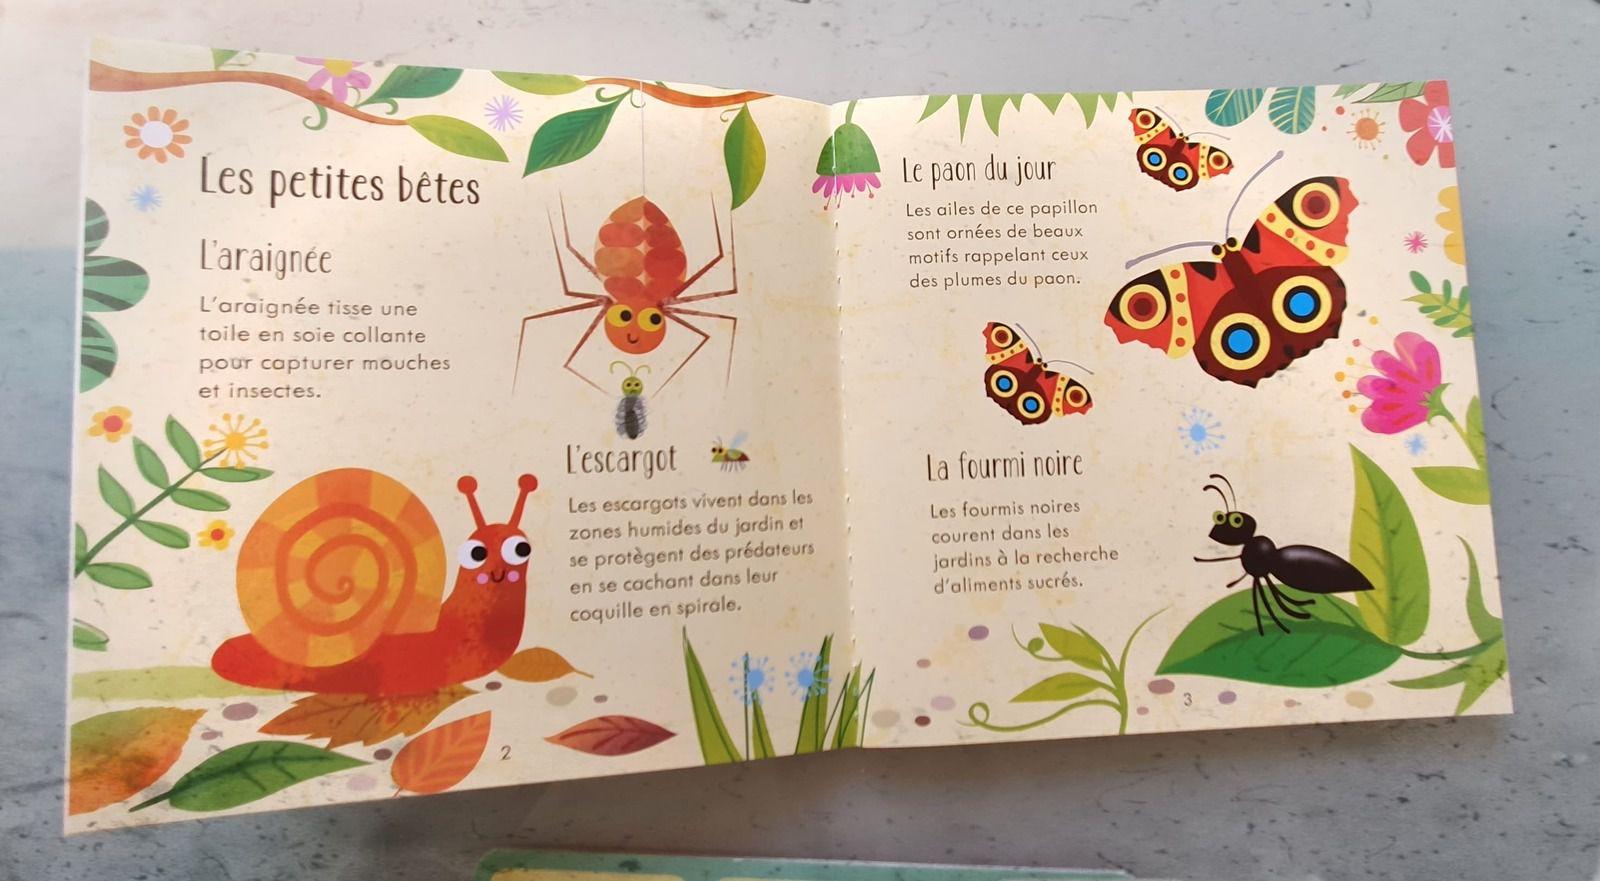 Les nouveautés sur Les Petites bêtes Editions Usborne